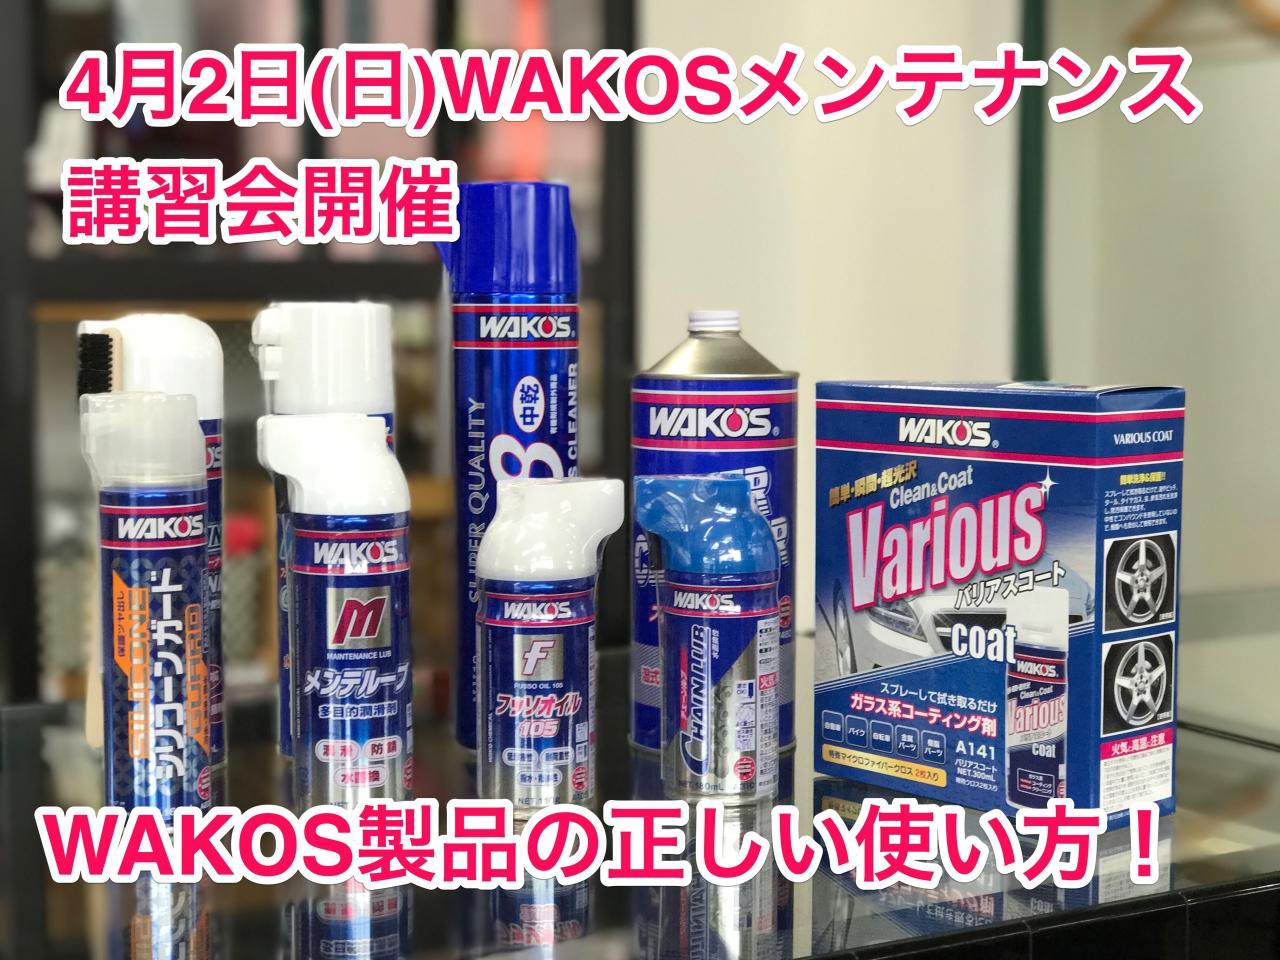 4月2日(日)【WAKOS】メンテナンス講習会開催